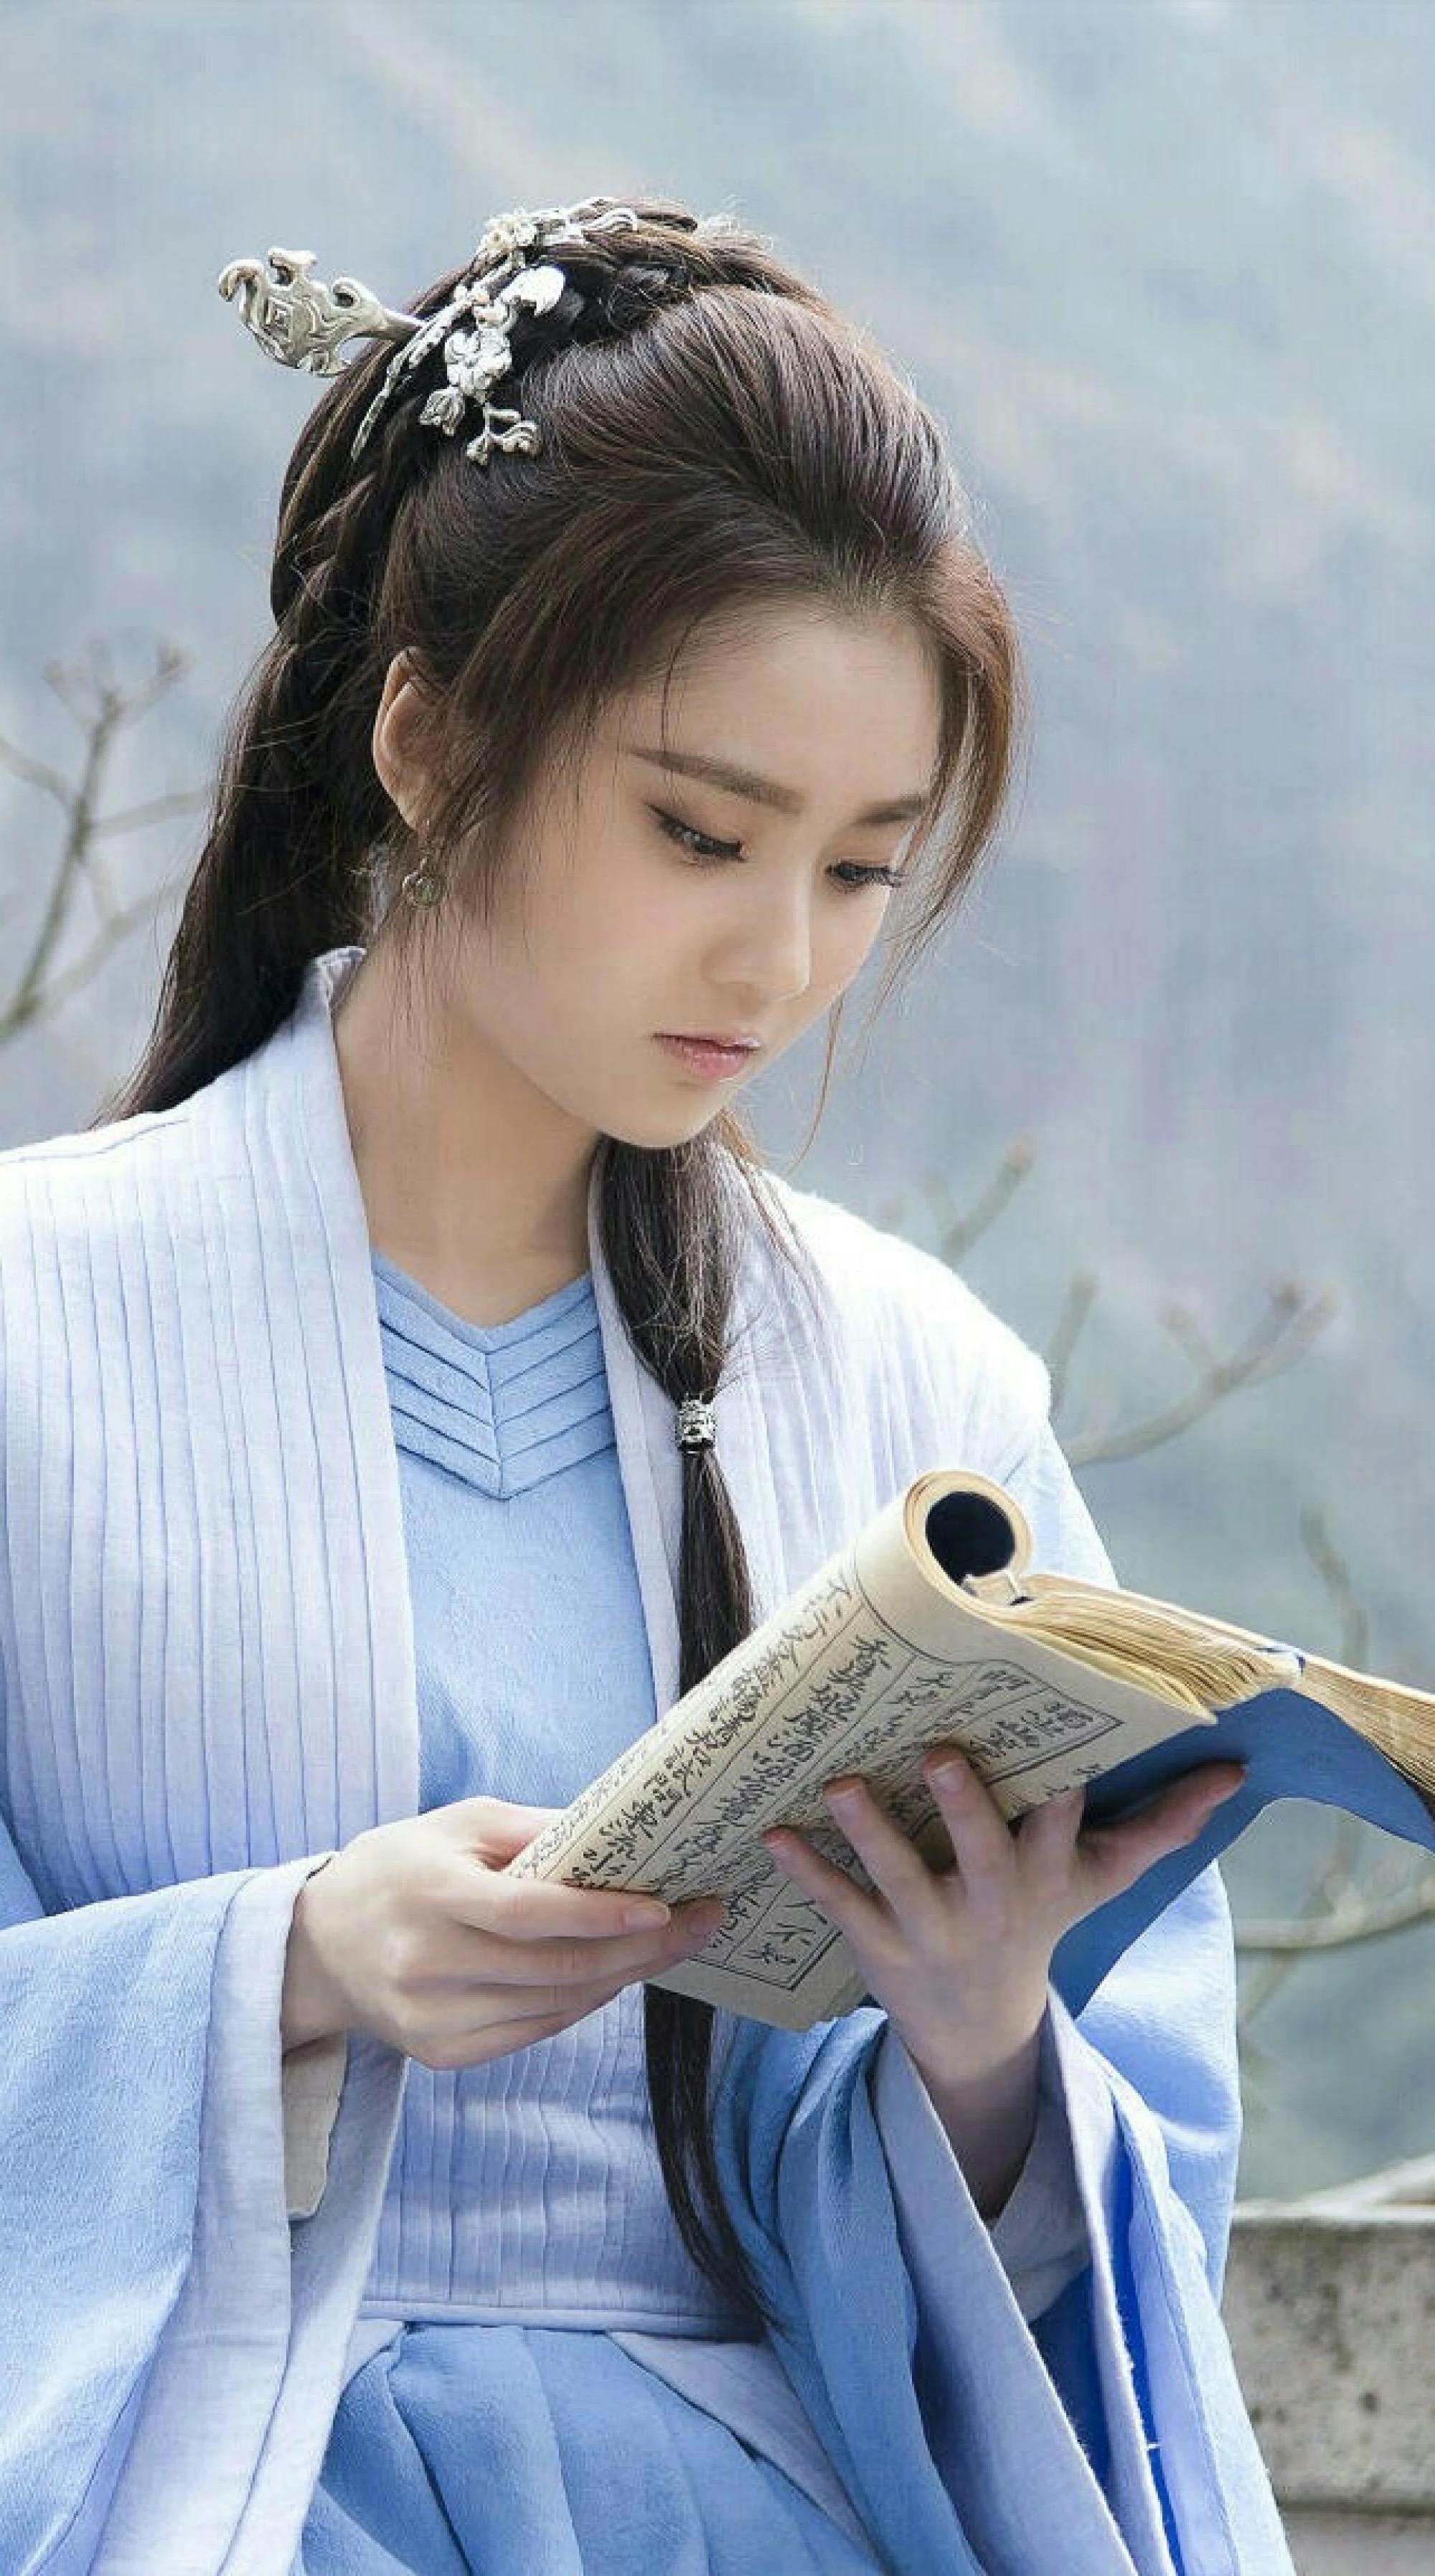 《有匪》女配清新淡雅颜值超高,还有点神似神仙姐姐刘亦菲